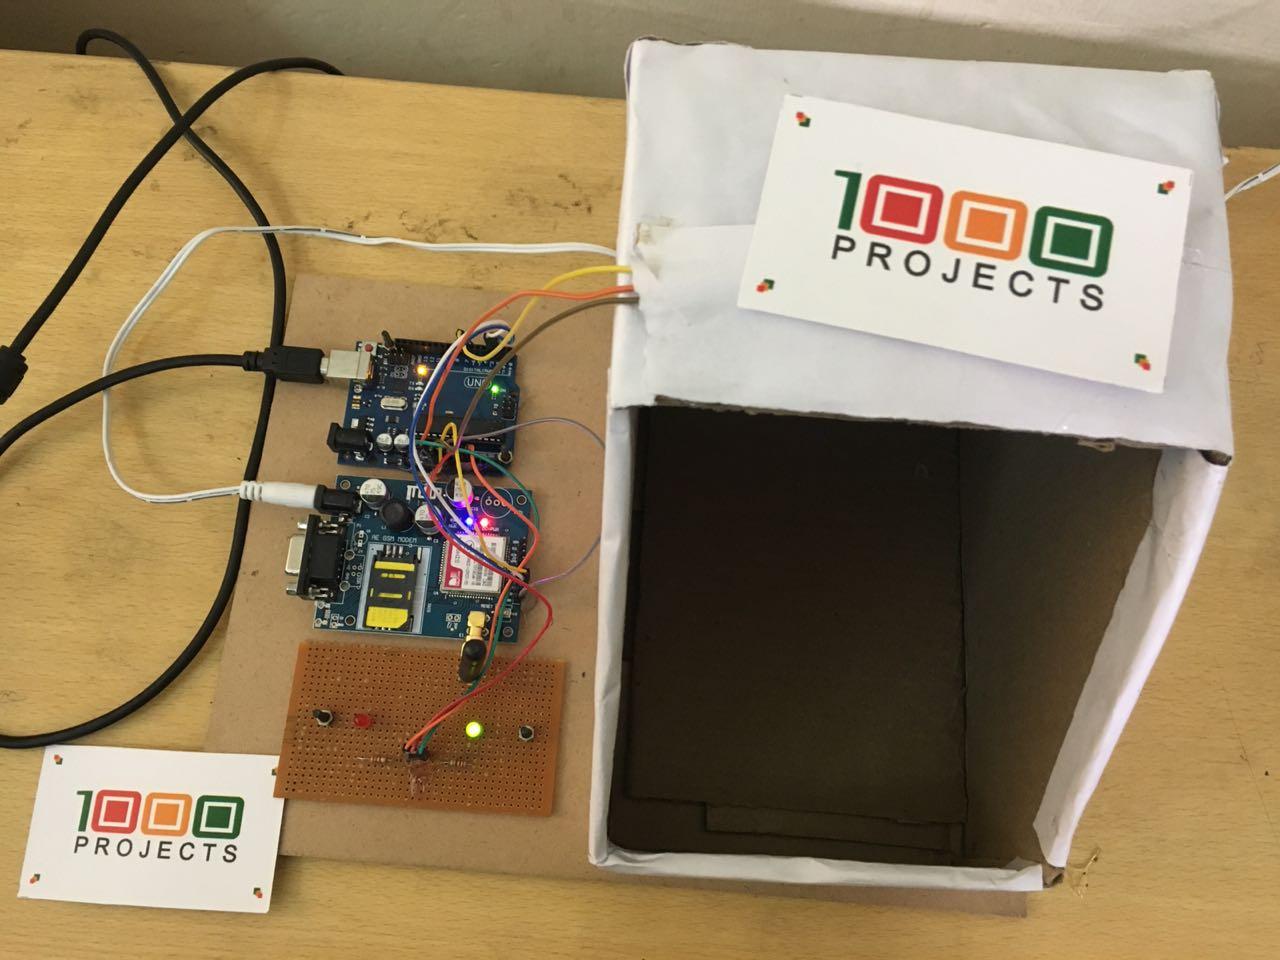 GSM Based Smart City garbage Bin Monitoring System – 1000